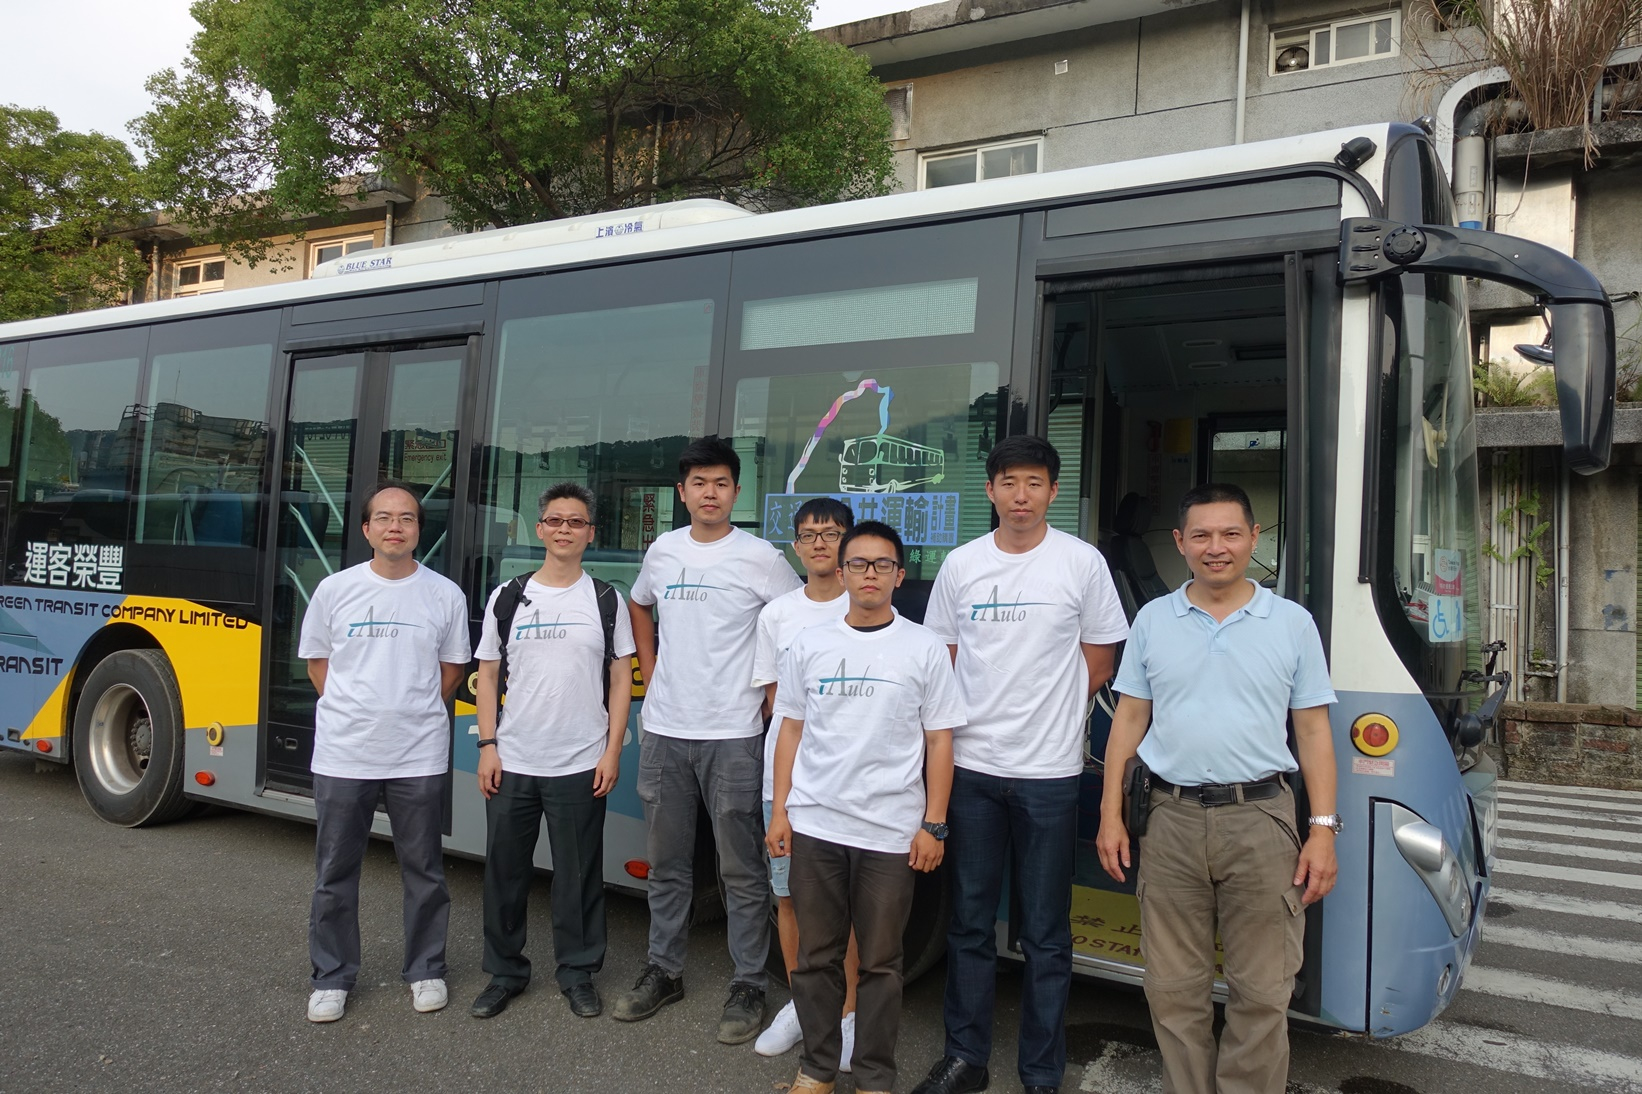 圖(一)明志科技大學師生參與打造自駕公車_大圖